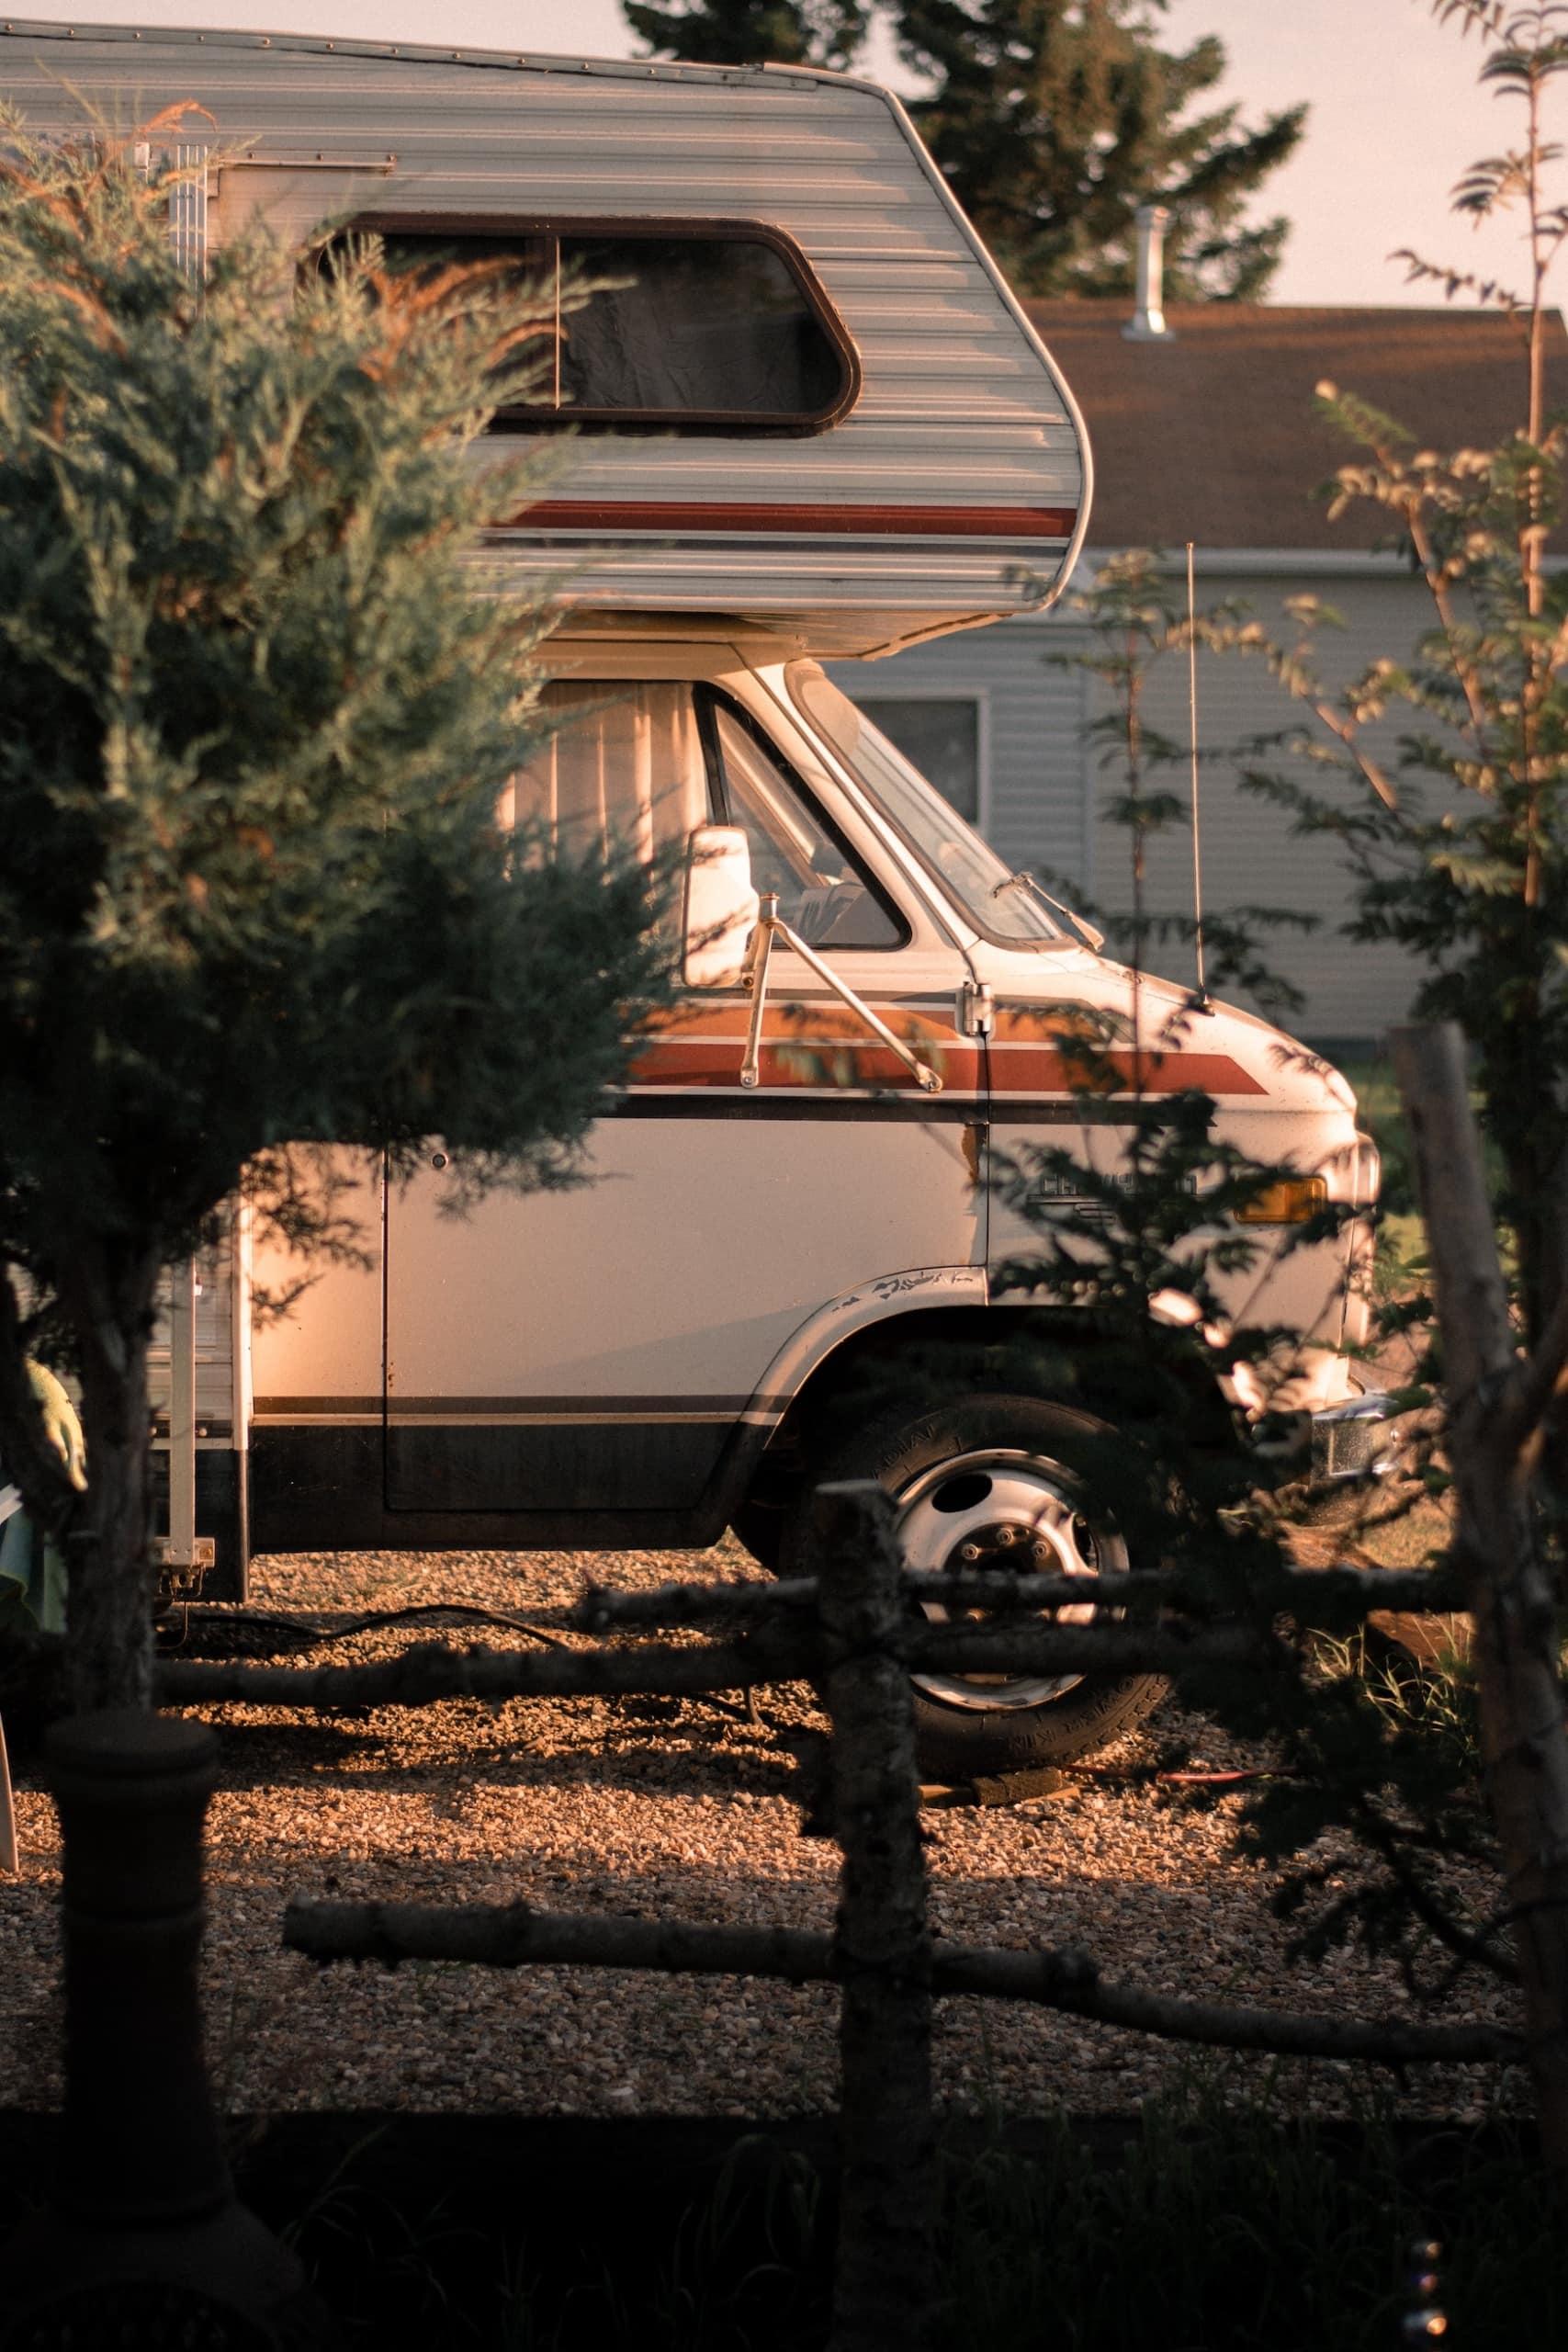 Wohnmobil auf Campingplatz bei Sonnenuntergang